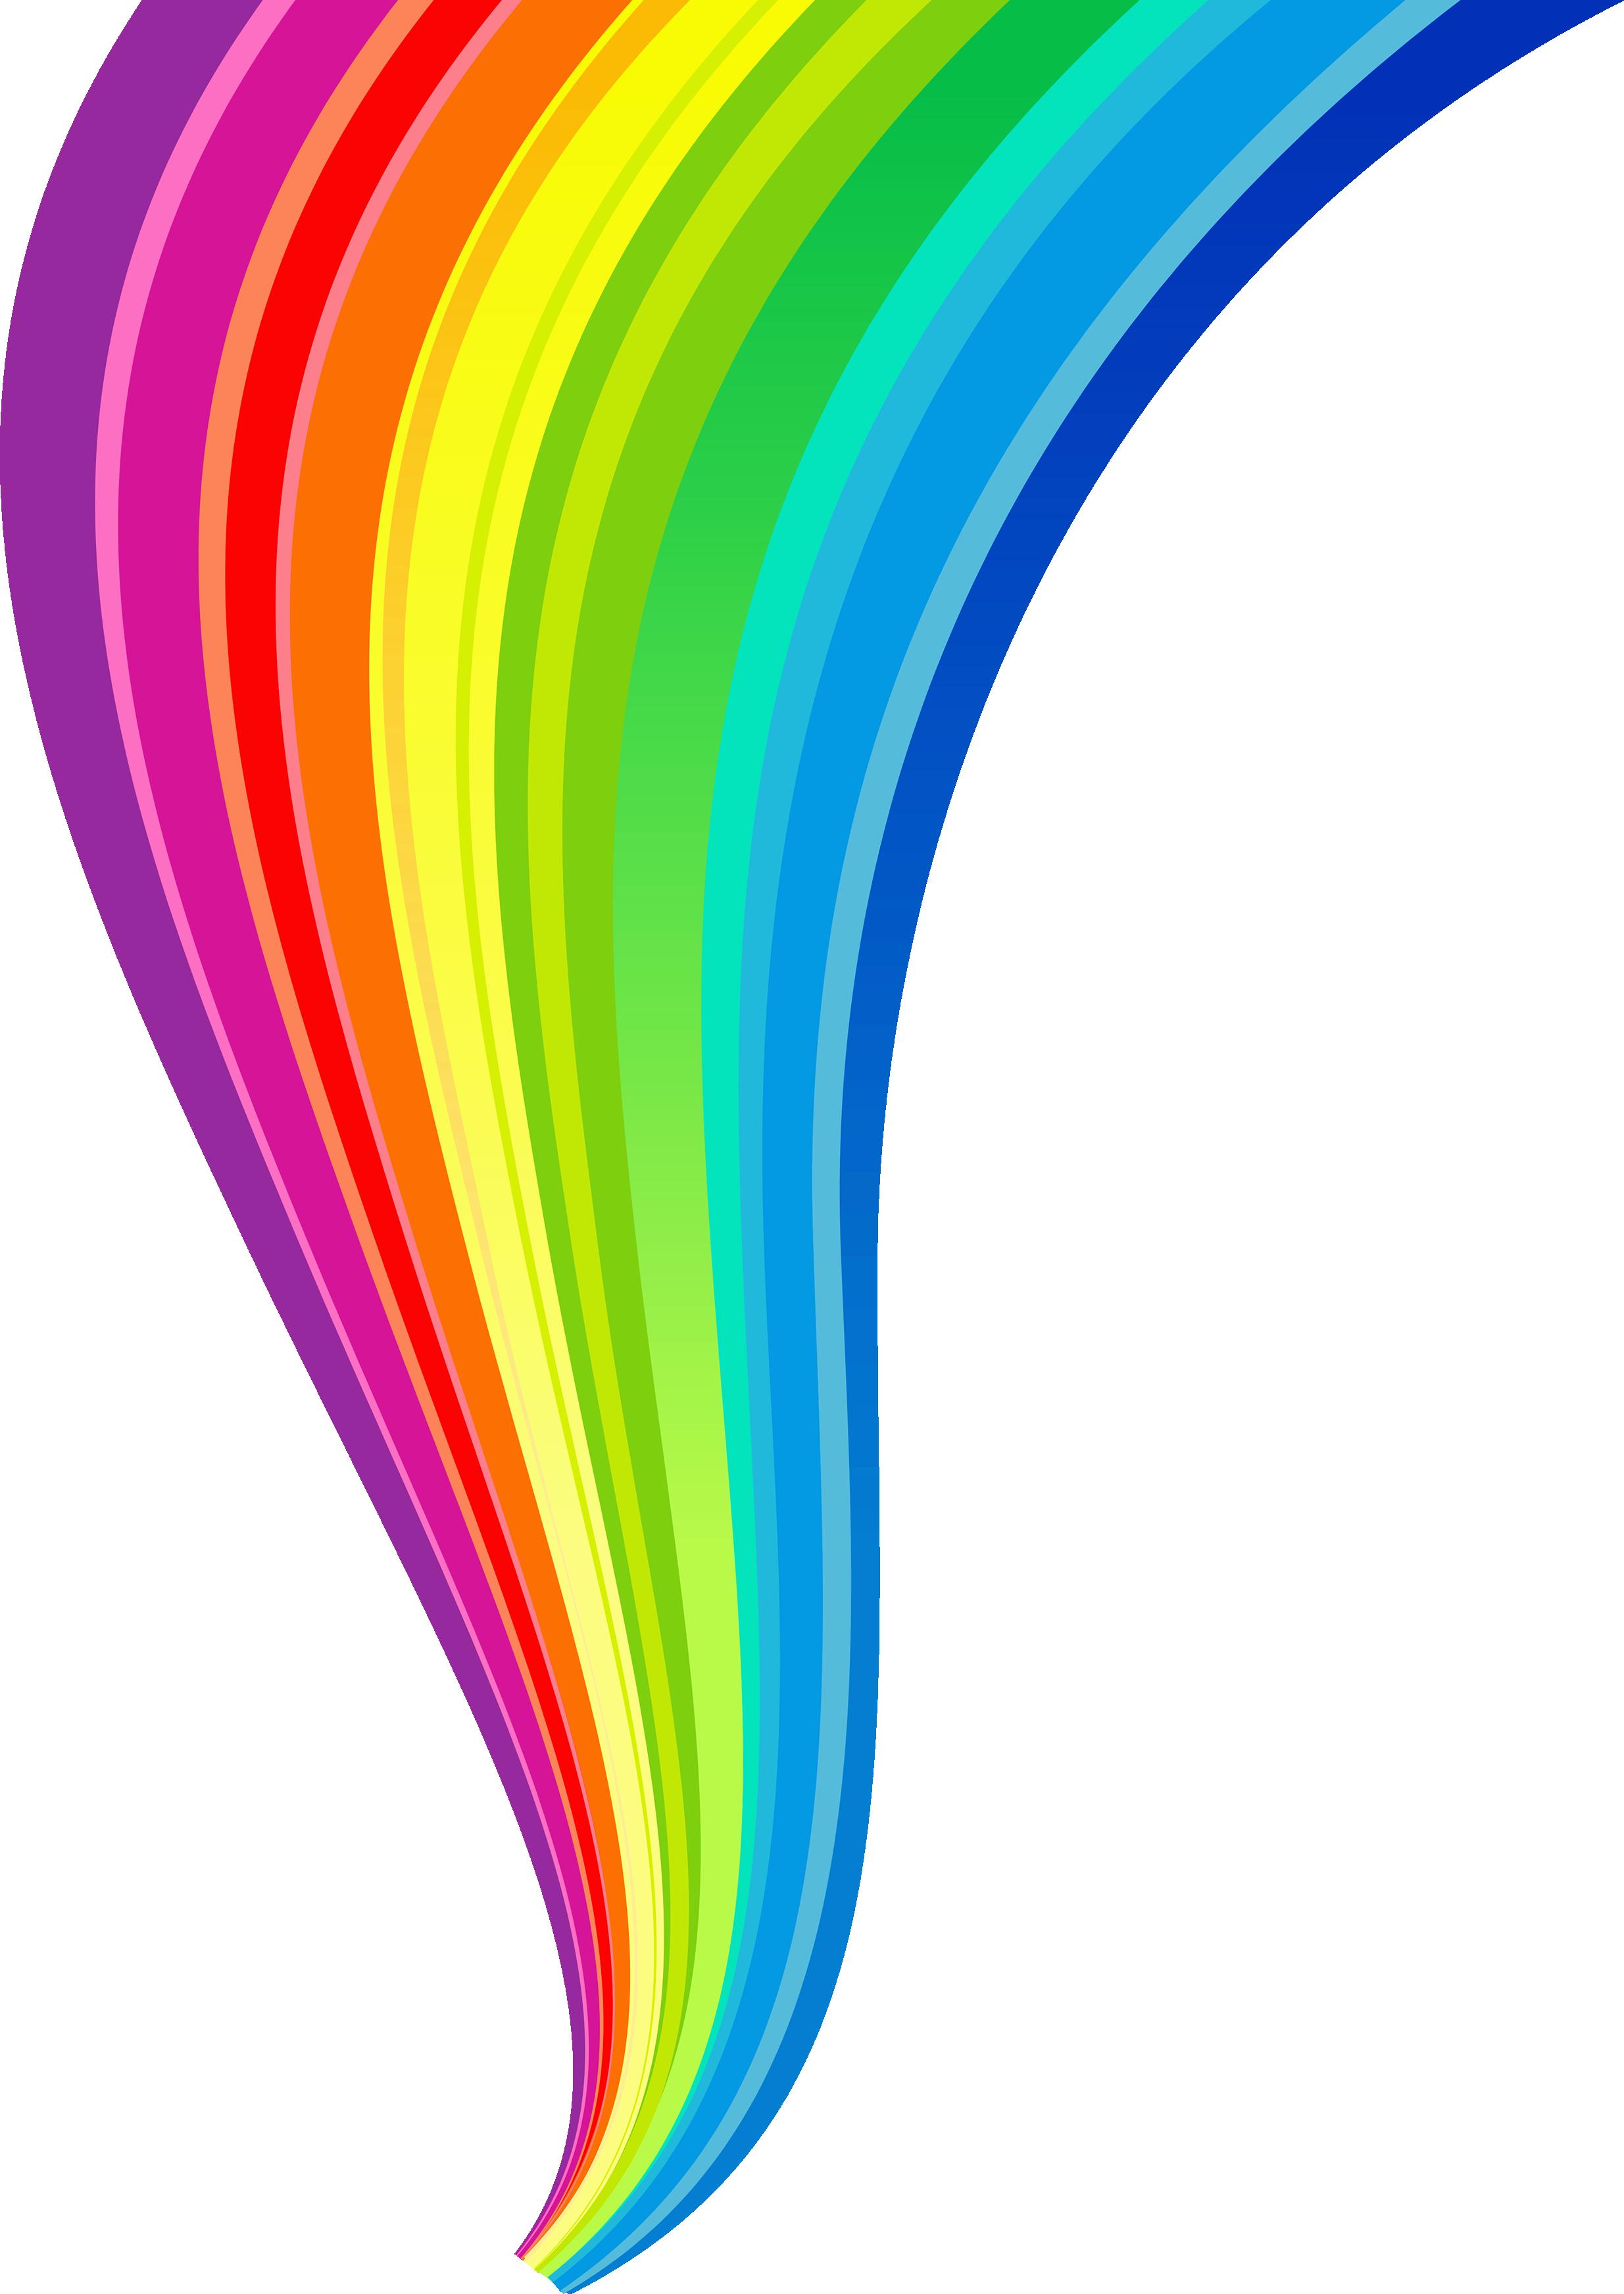 Colors clipart background. Rainbow image qygjxz